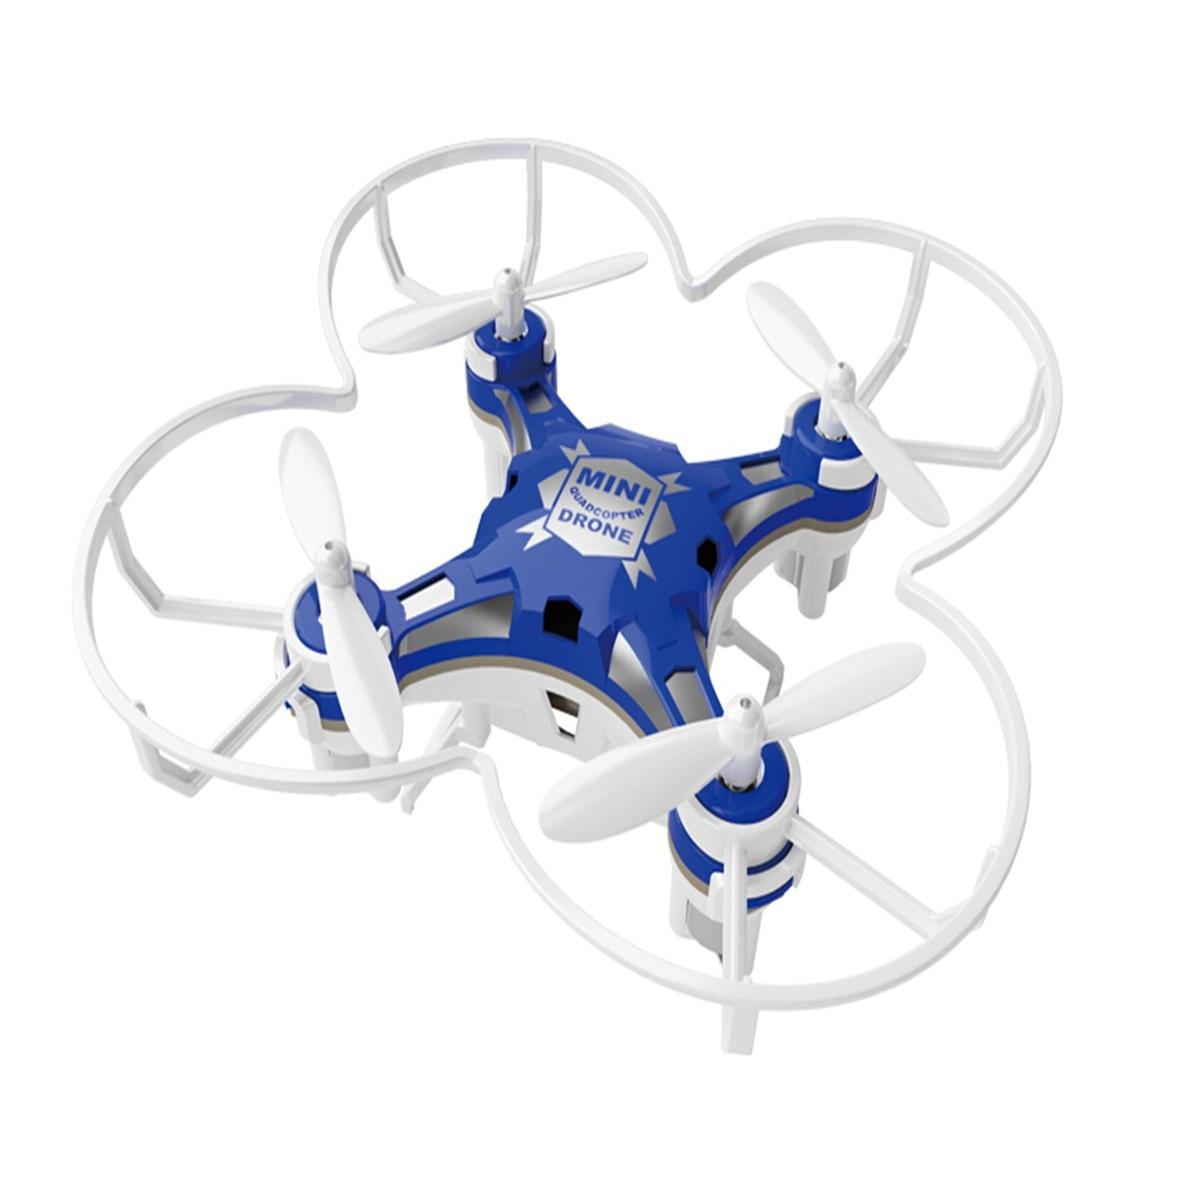 Blackhawk Fh222 4 Ch 6 Axis Micro Drone W Headless Mode One Key Tarantula Sq800 With Camera Quadcoper Hanya Kena 1kilo Terbaru Fq777 Mini Switchable Pengendali Rtf 4ch Gyro Rc Quadcopter Uav Helikopter